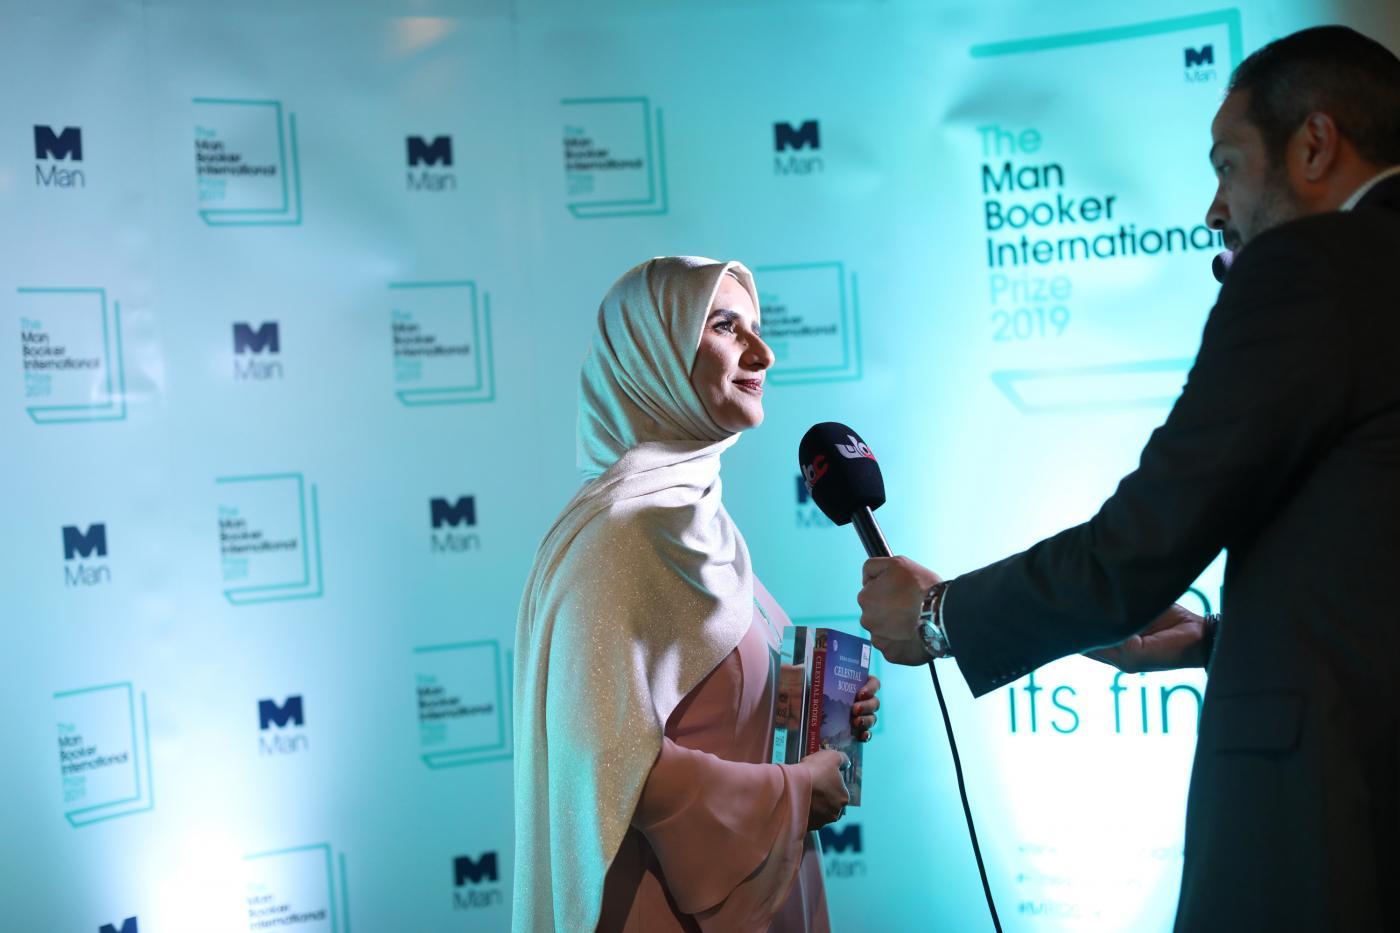 وسائل الإعلام مع الكاتبة جوخة الحارثى